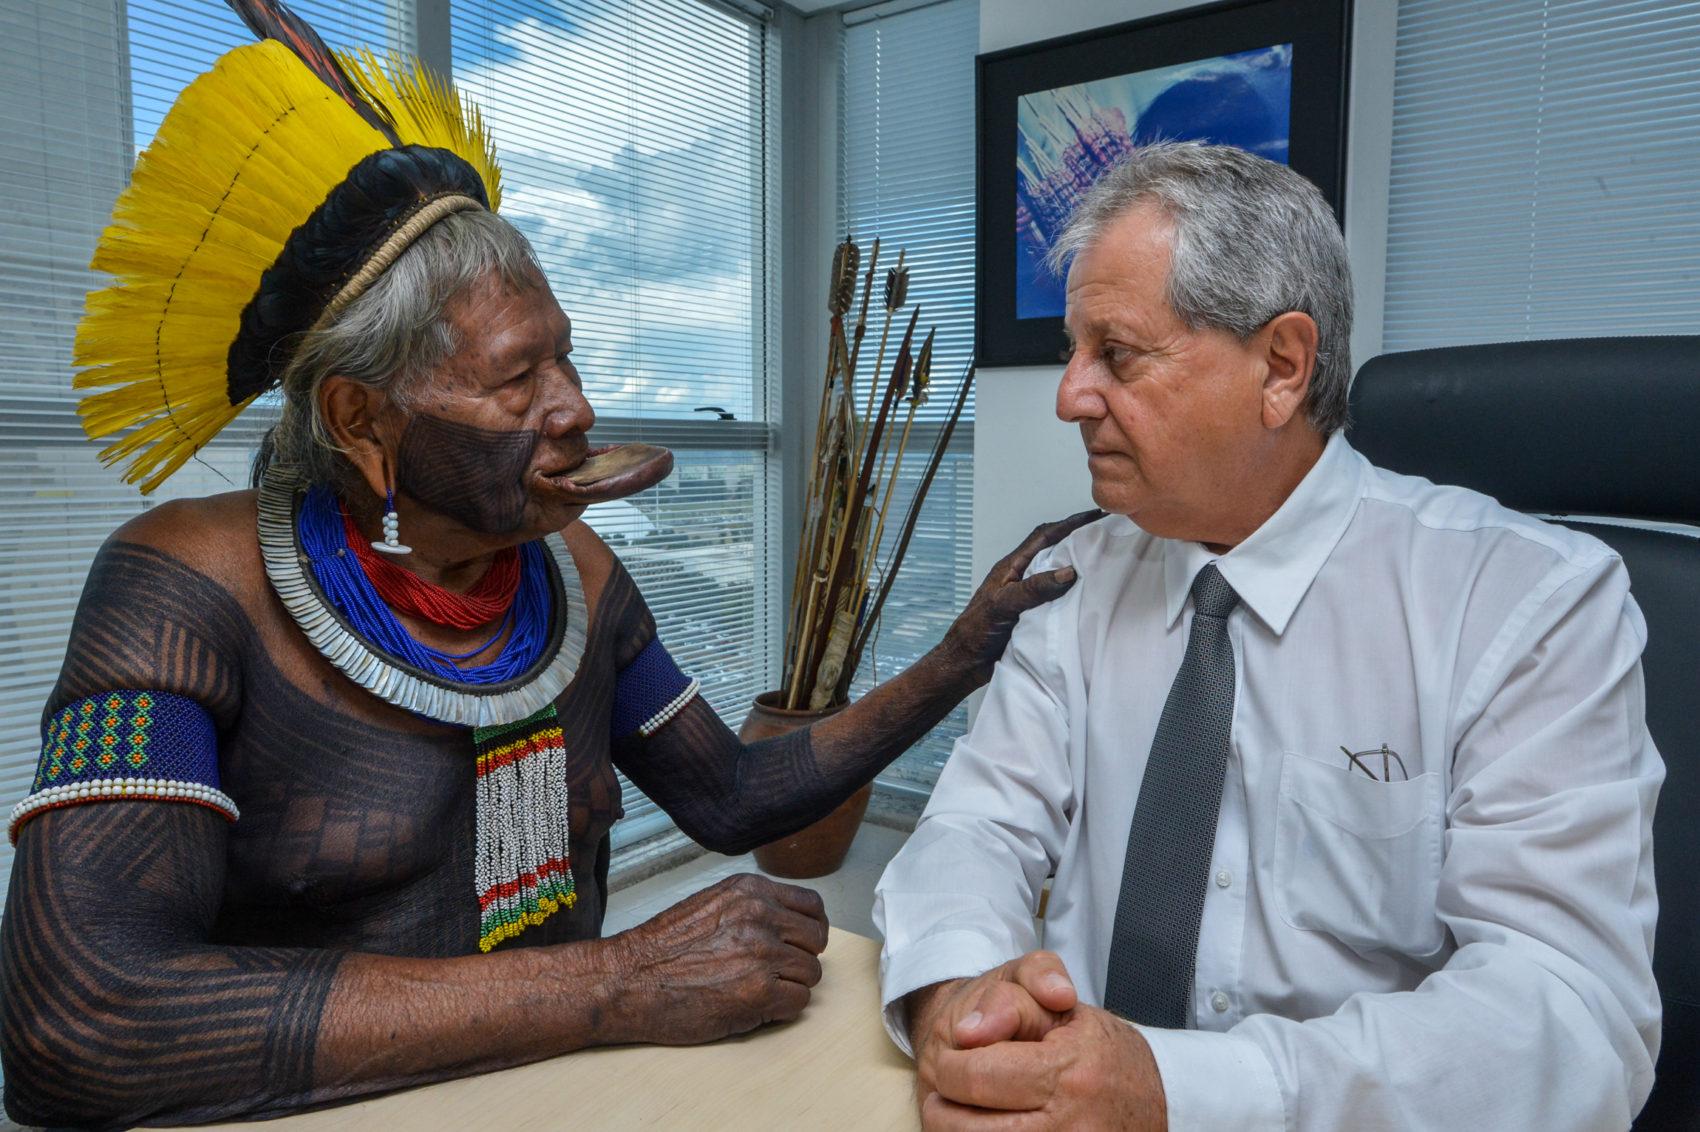 Os caciques Raoni Metuktire e Megaron Txucurramãe visitaram a sede da Funai em Brasília nesta segunda-feira em apoio ao presidente Antônio Costa: